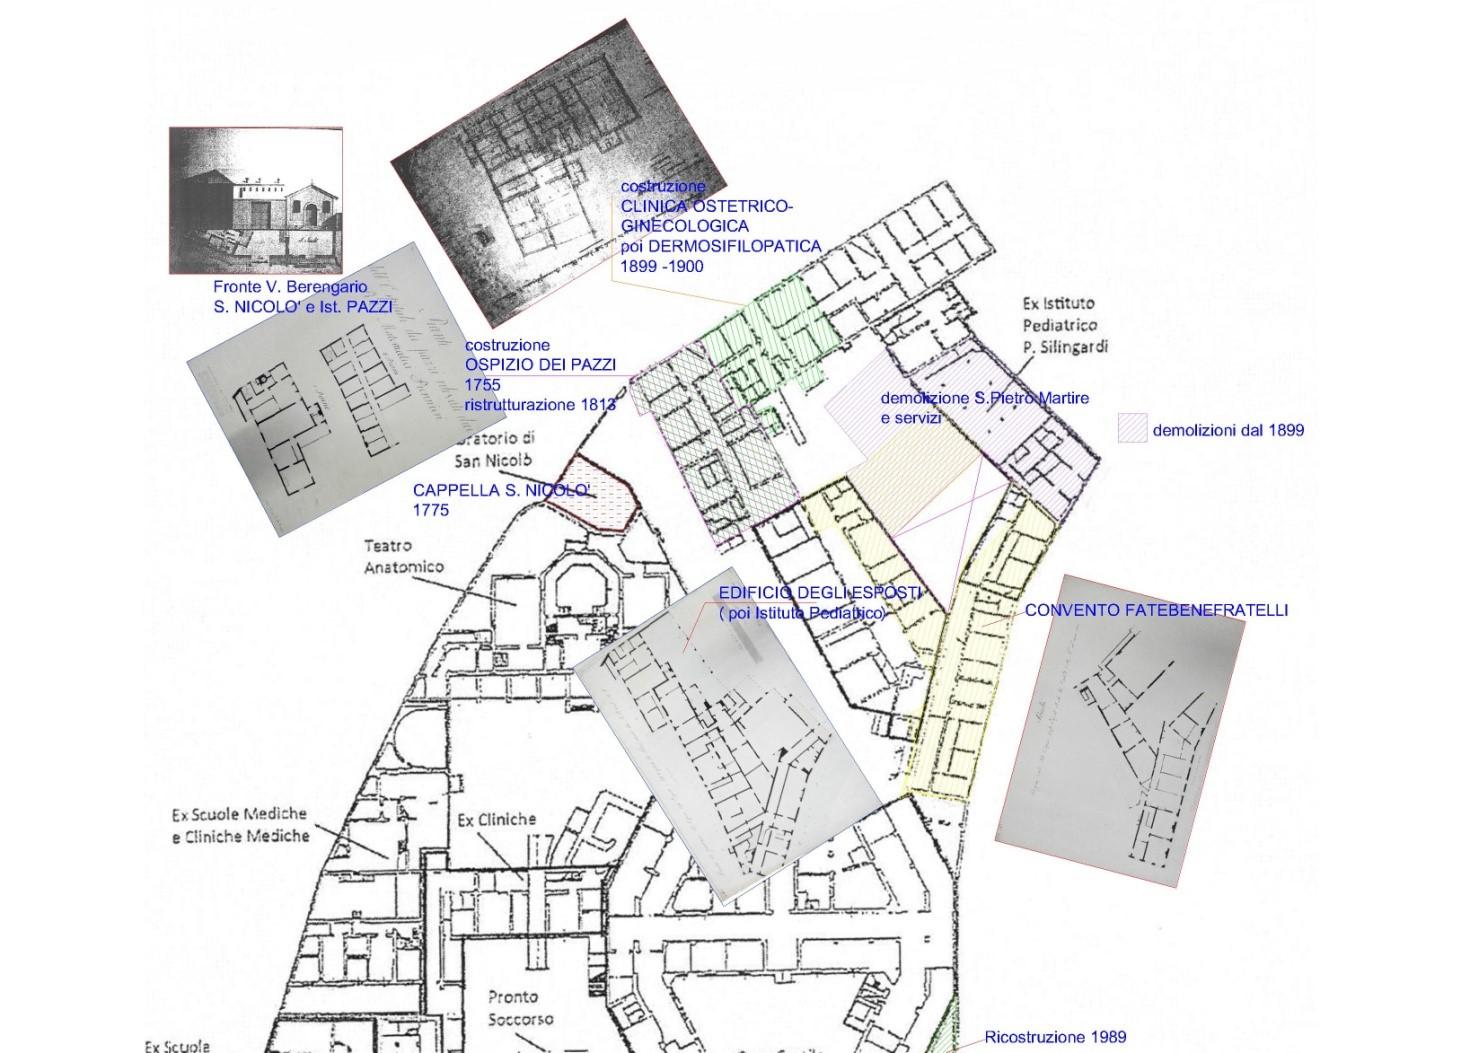 Trasformazioni edilizie fino al 1900 c.a.